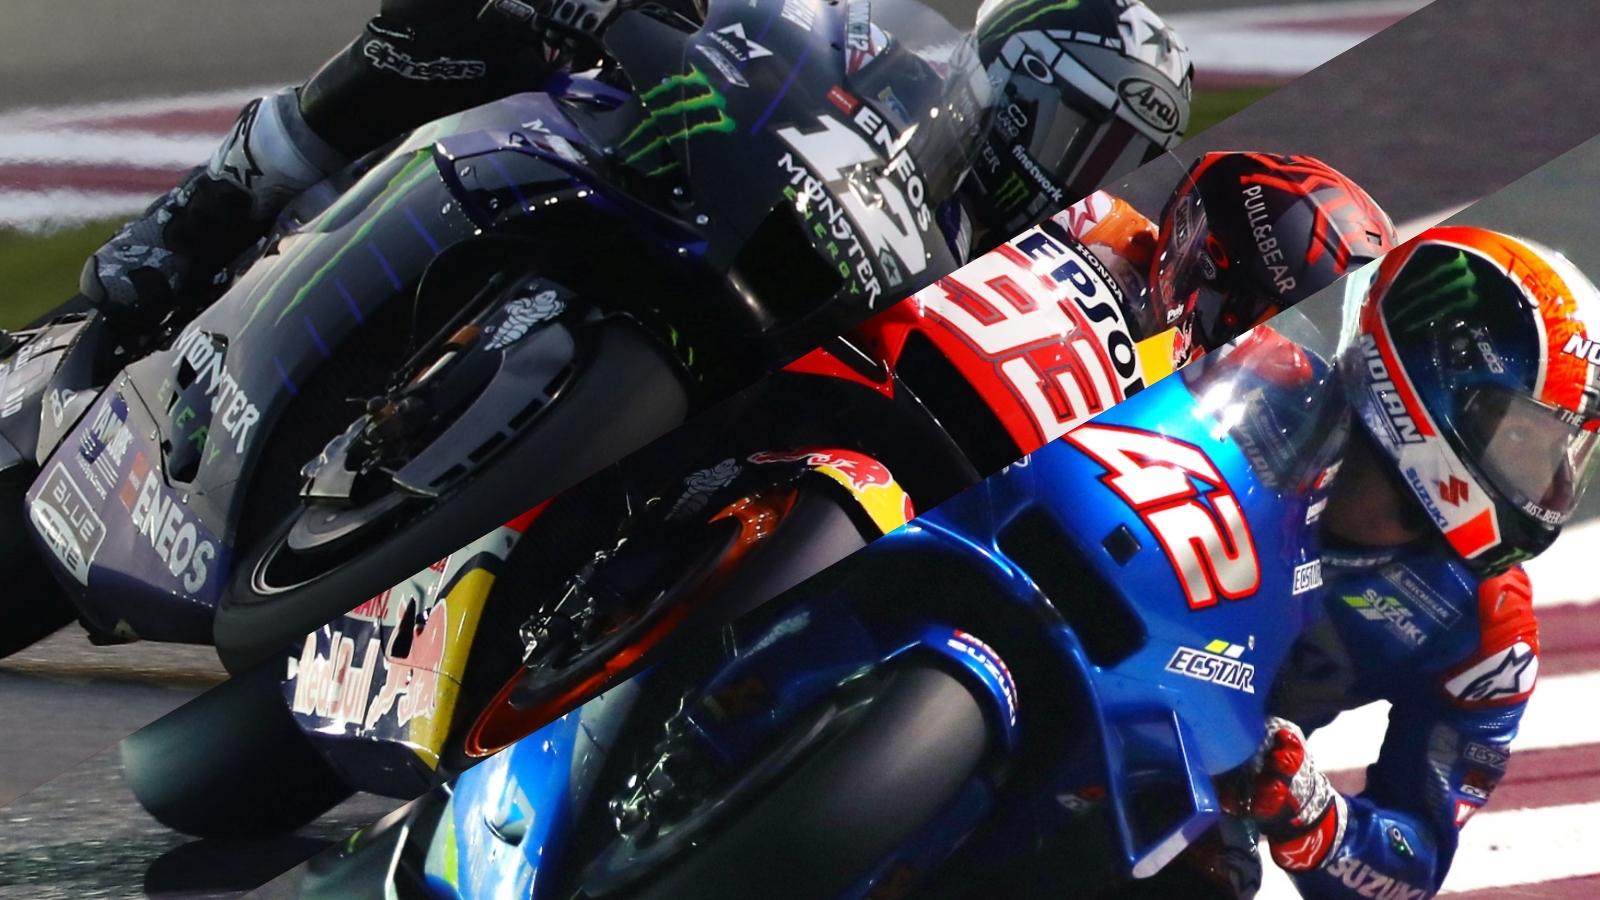 Análisis test Qatar: MotoGP 2020 ante la amenaza de un nuevo orden Mundial